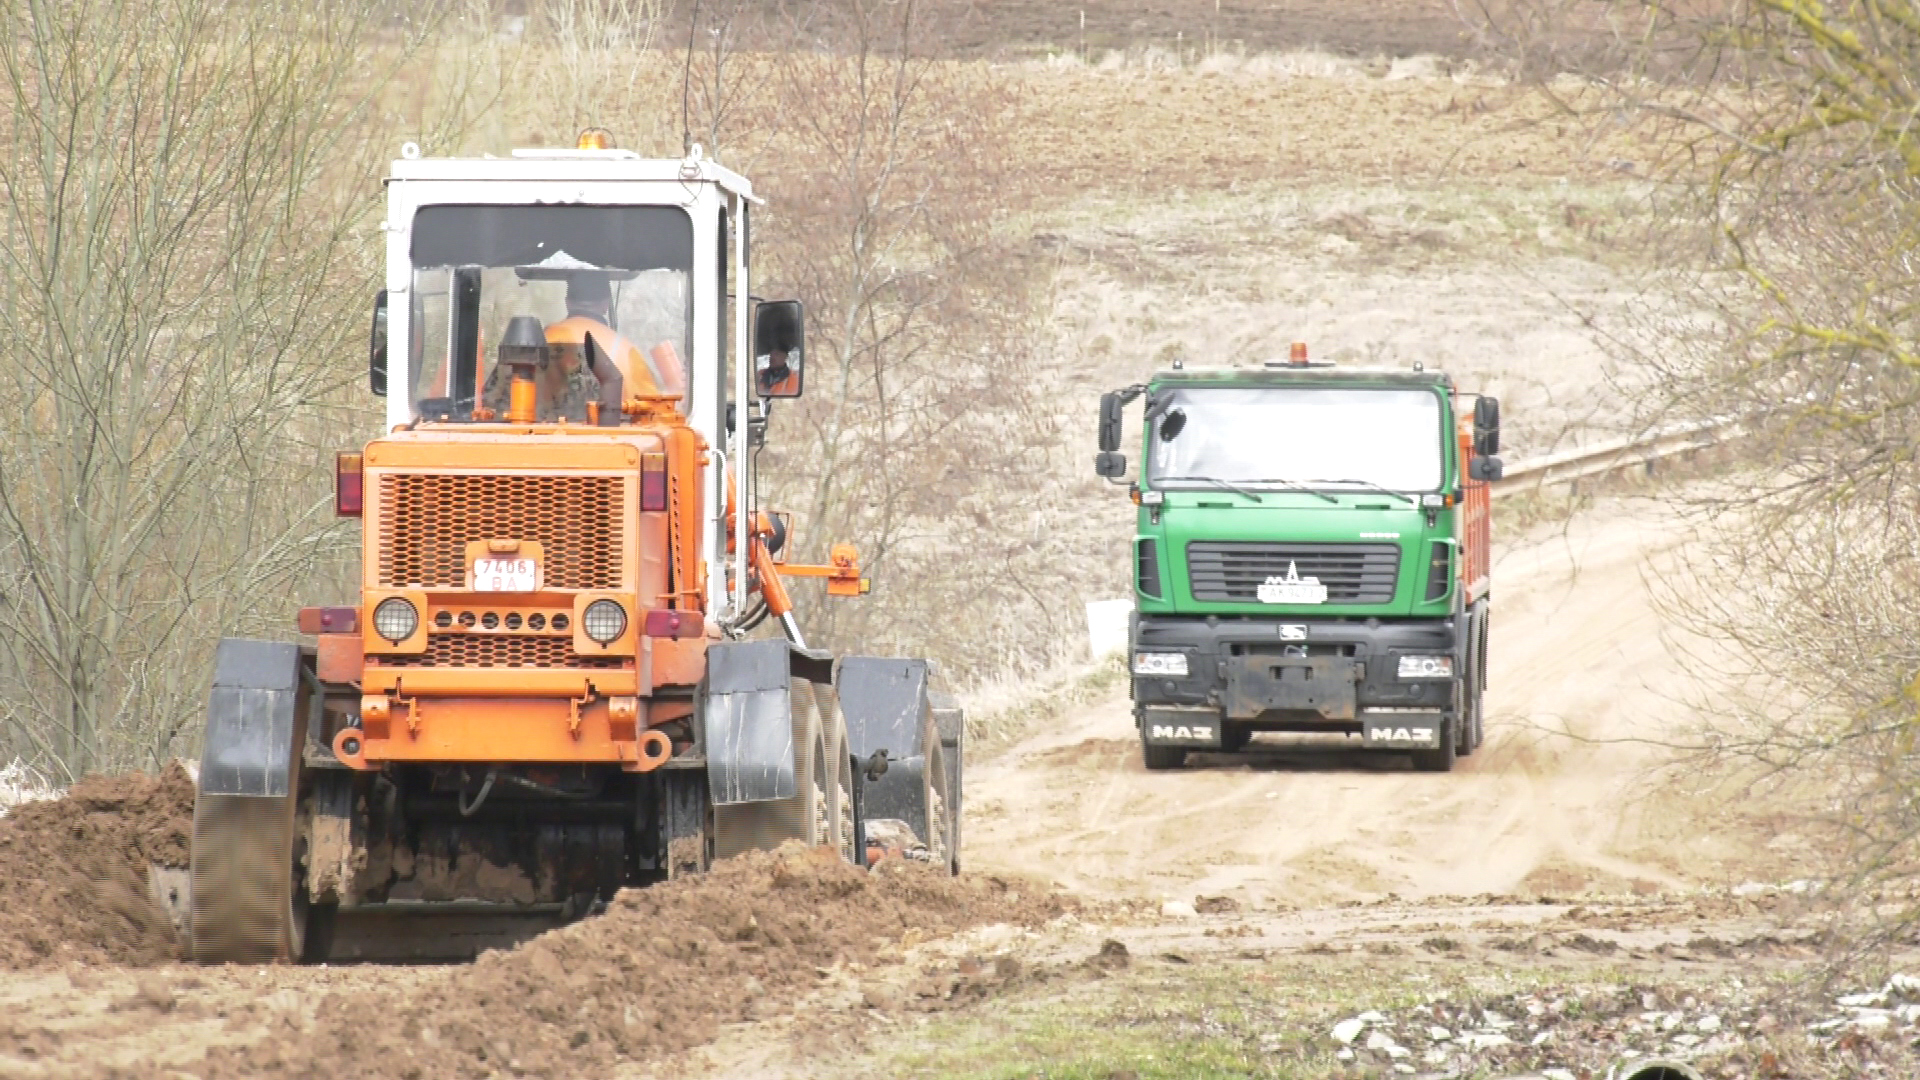 doroga - В Витебском районе жалуются на бездорожье (видео)